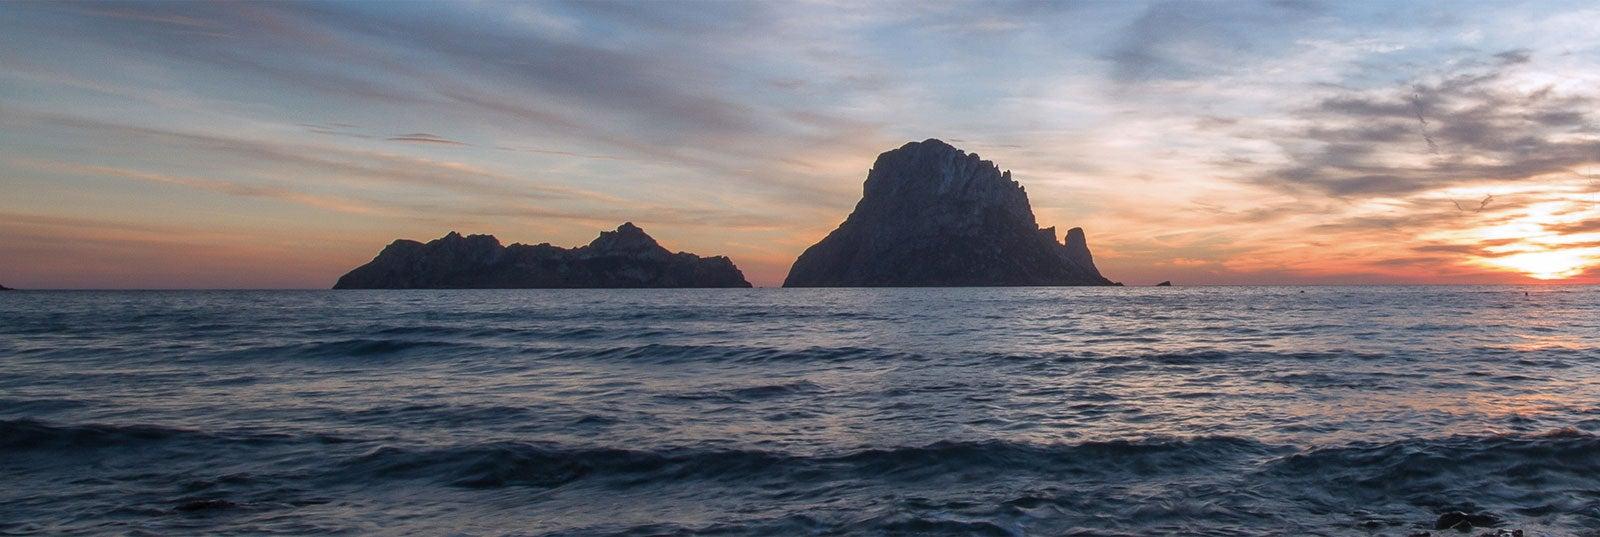 Guía turística de Ibiza